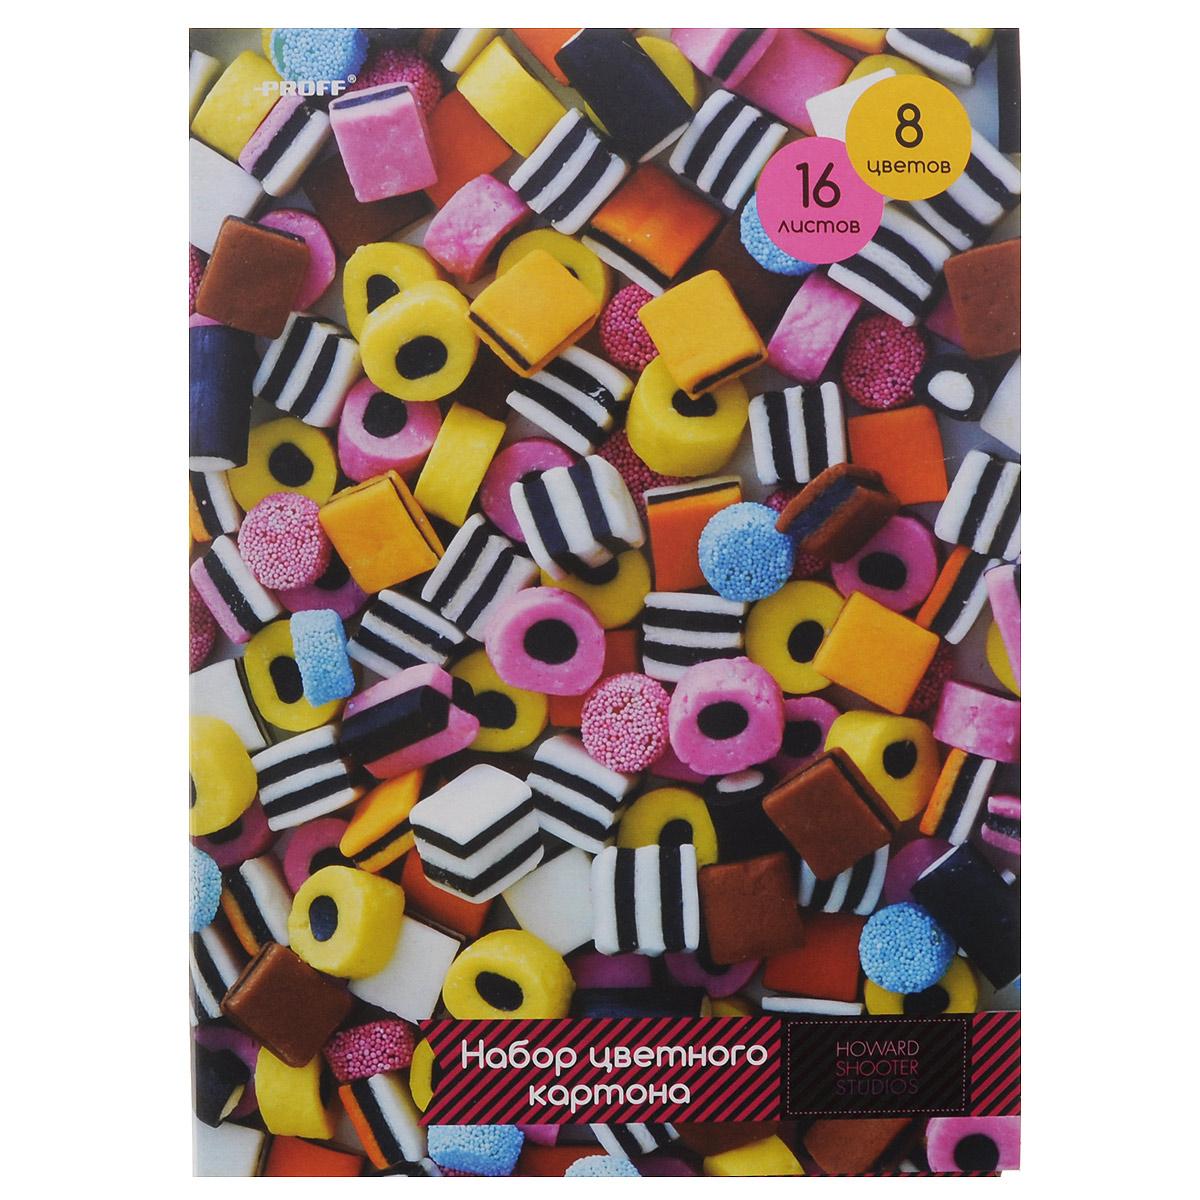 Набор цветного картона Proff  Сладости, 16 листов7708034Набор цветного мелованного картона Proff Сладости позволит создавать всевозможные аппликации и поделки. Набор состоит из16 листов формата А4 одностороннего цветного картона восьми цветов: желтого, оранжевого, красный, белого, голубого, черного, коричневого и зеленого. Создание поделок из цветного картона позволяет ребенку развивать творческие способности, кроме того, это увлекательный досуг. Набор упакован в картонную папку с аппетитным изображением.